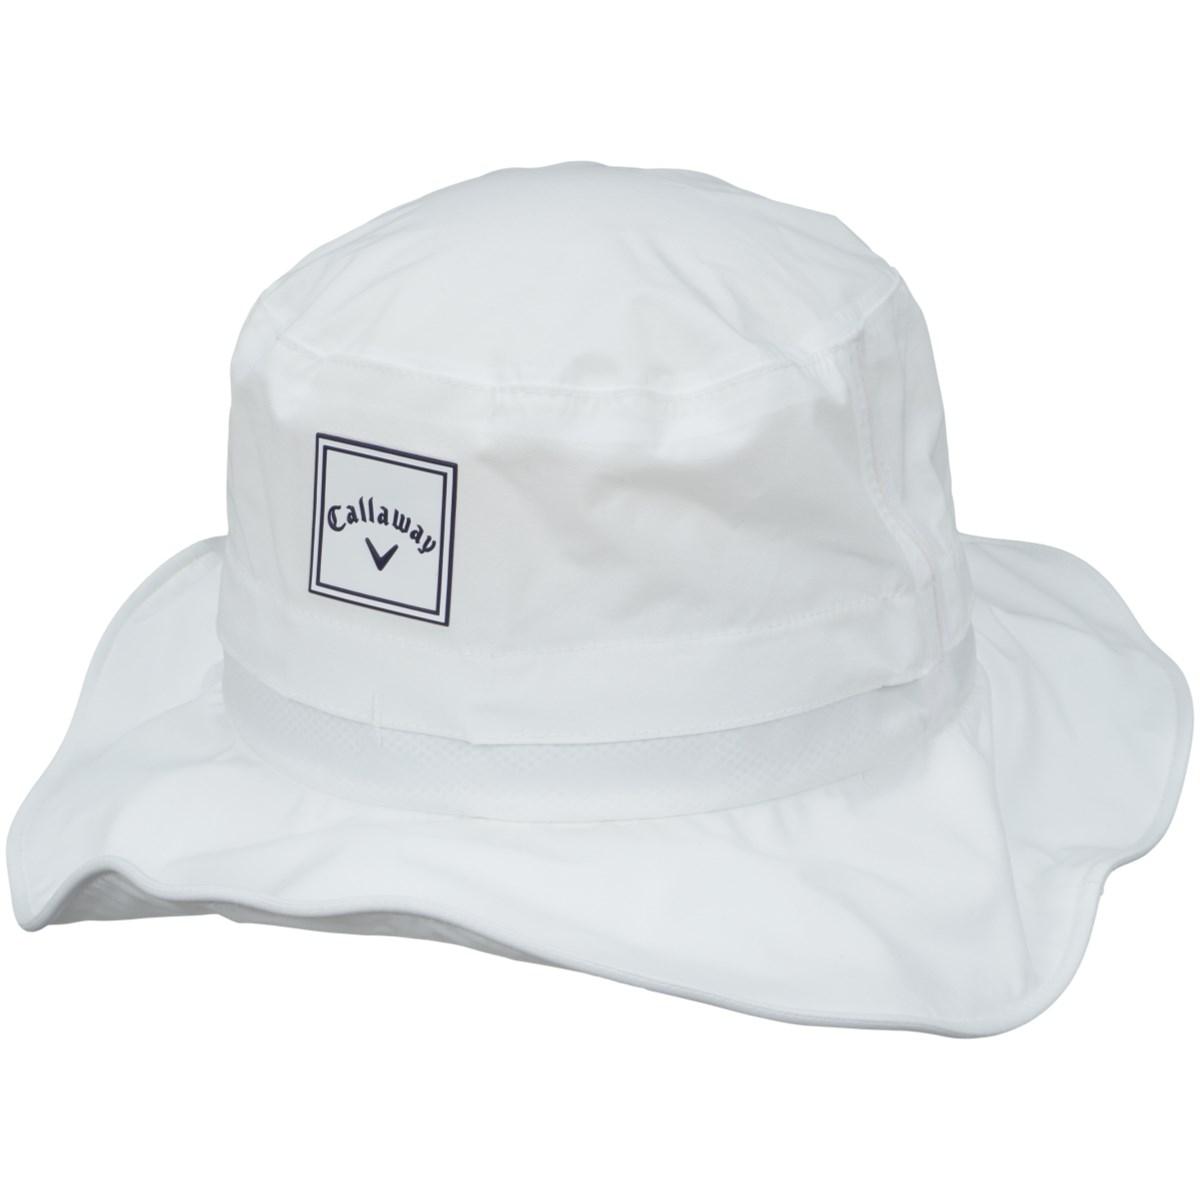 キャロウェイゴルフ Callaway Golf レインハット フリー ホワイト 030 レディス